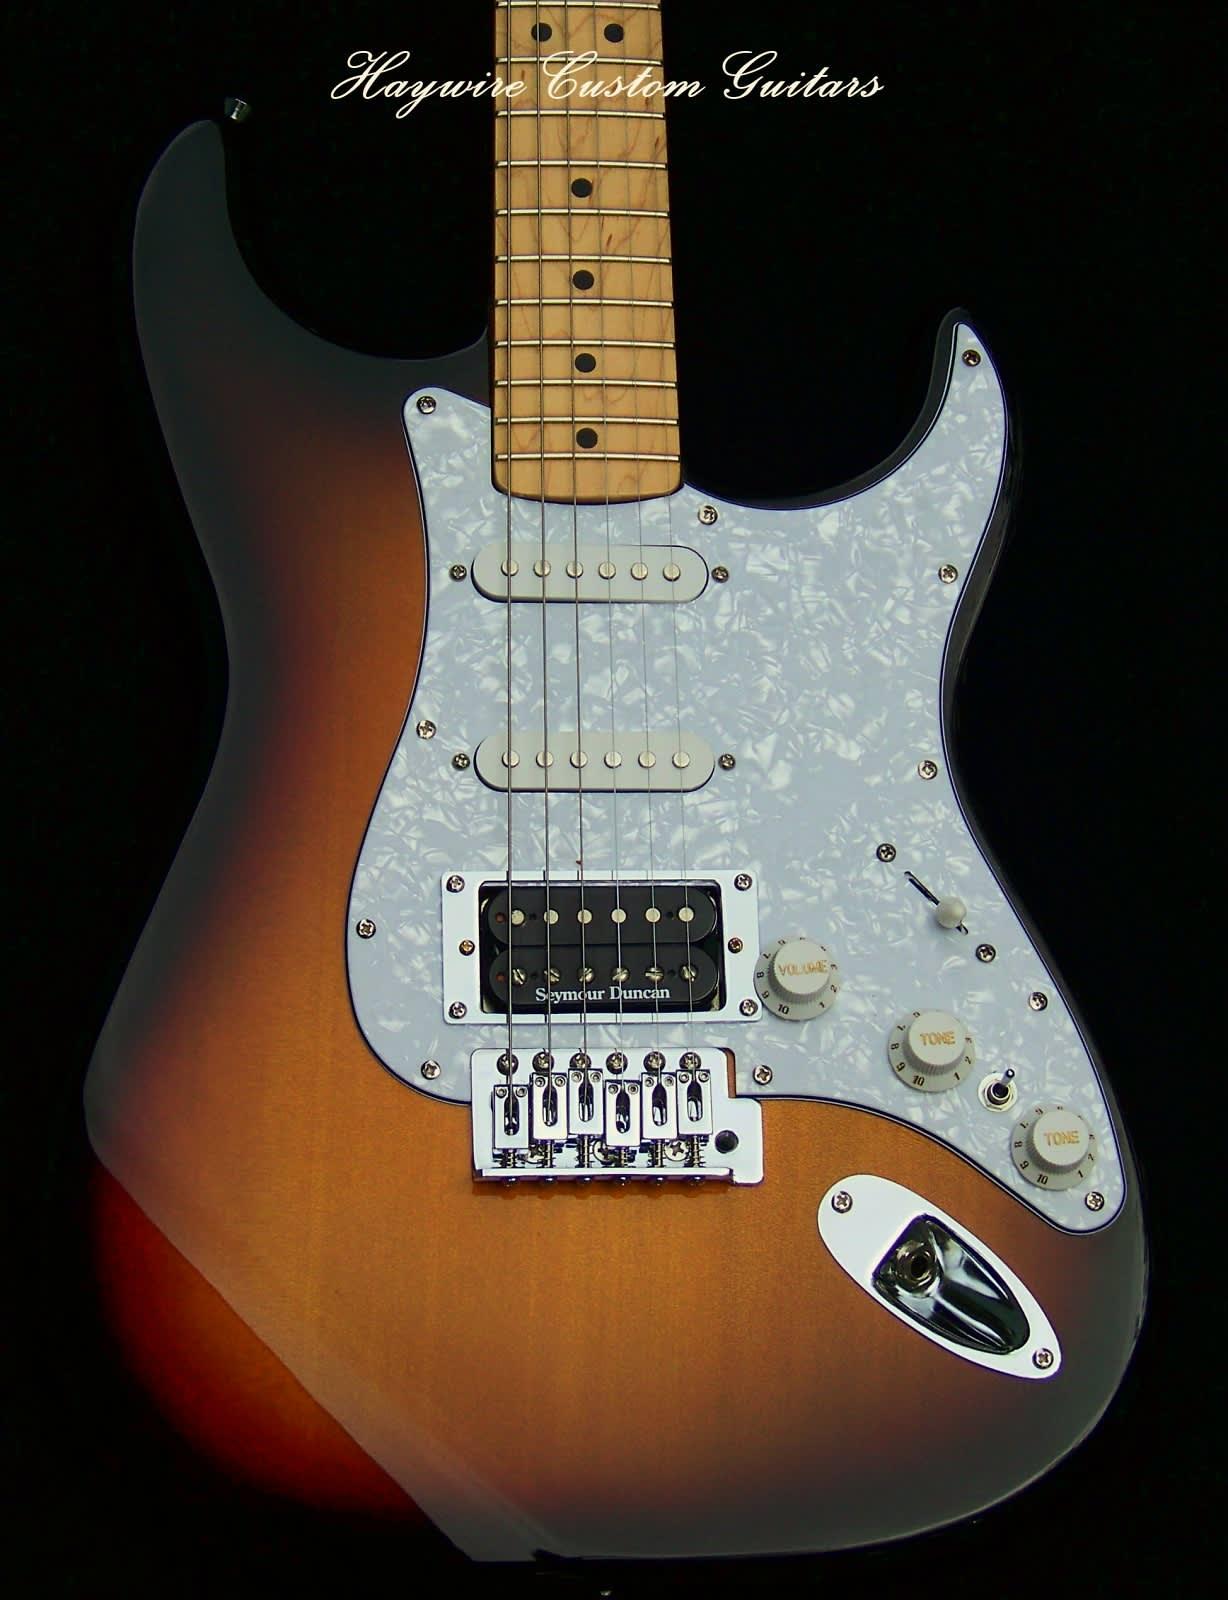 partscaster strat duncan jb h s s guitar warmoth option srv reverb. Black Bedroom Furniture Sets. Home Design Ideas